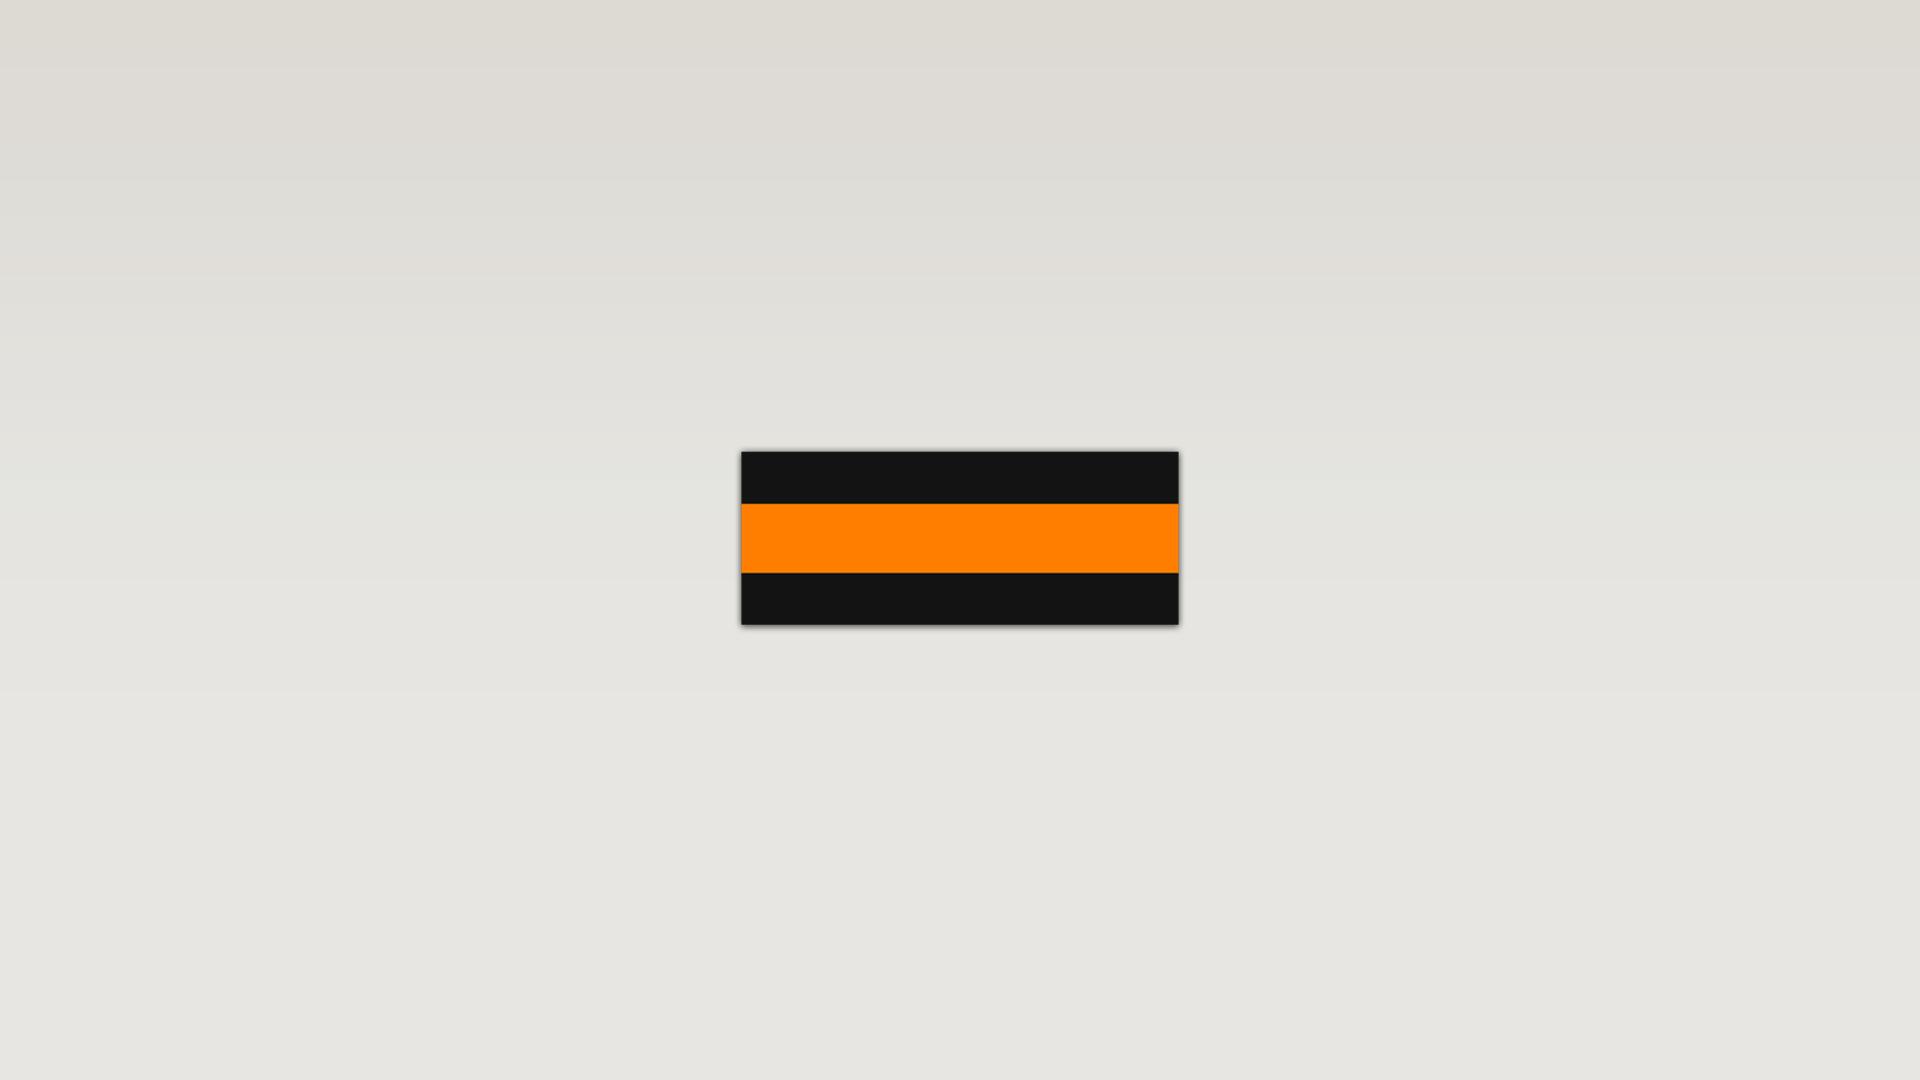 Discord Detaylı Sunucu Tasarım Paketi